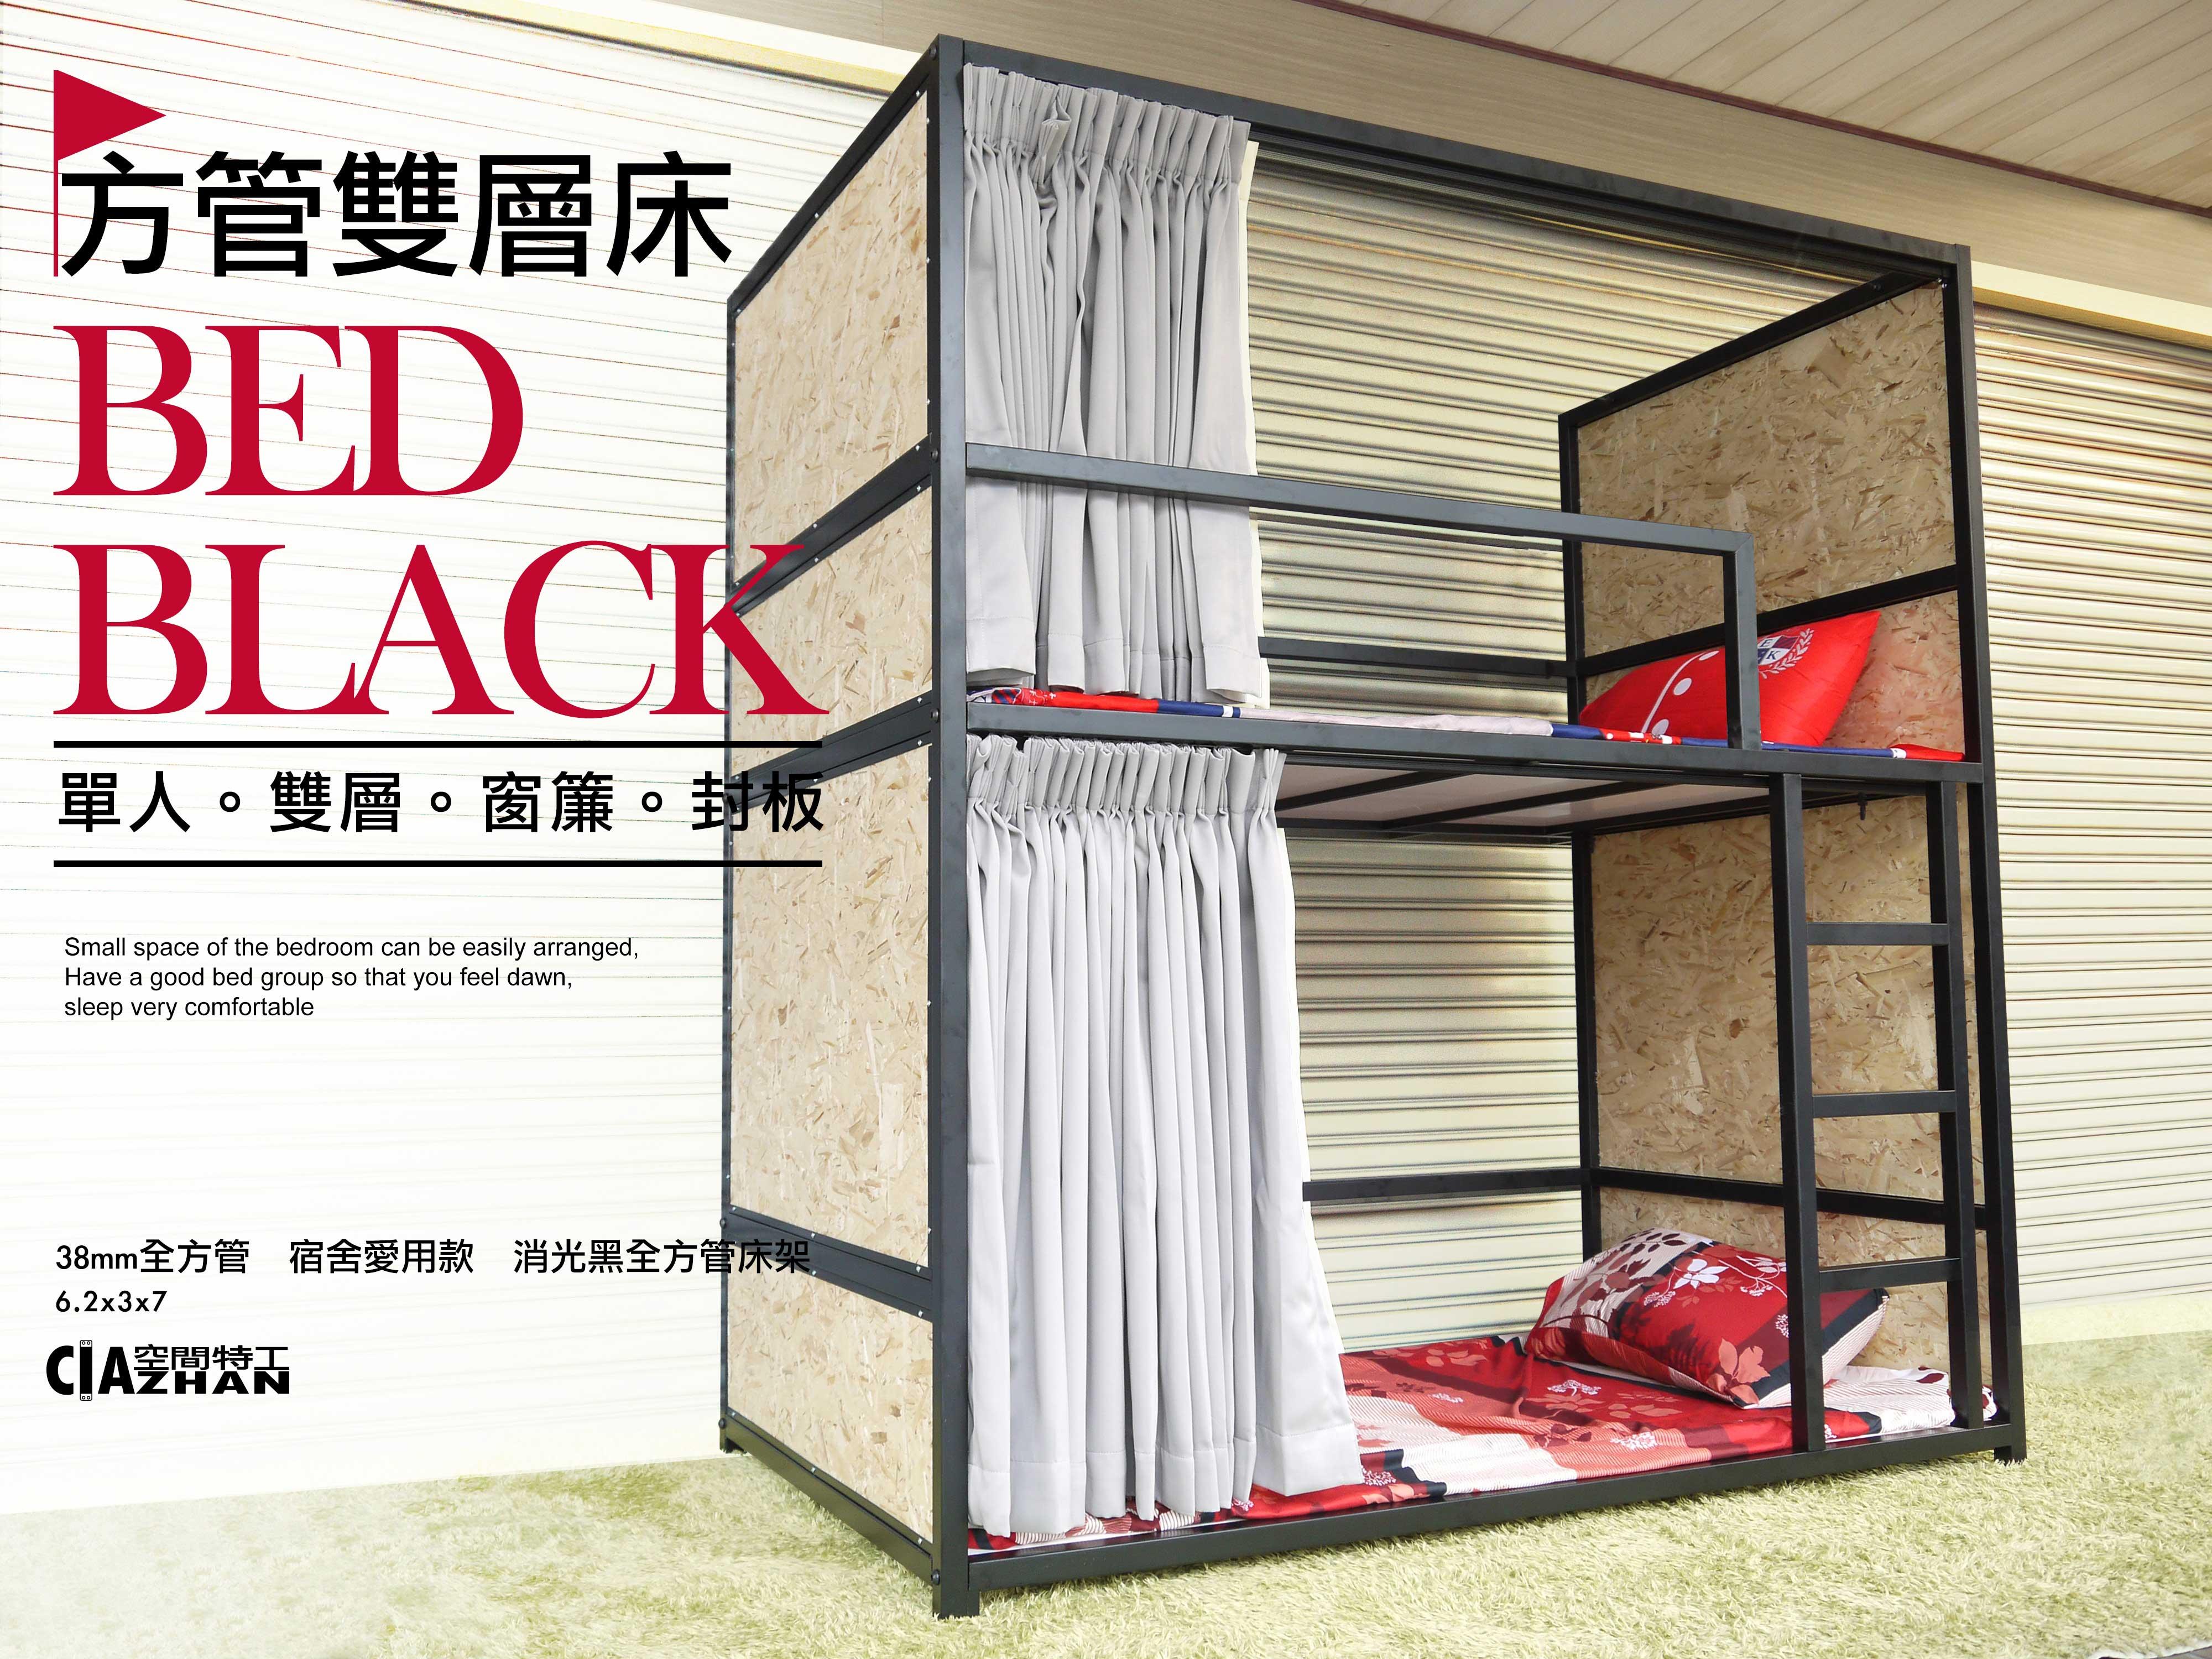 宿舍設計款床架/上下舖/床組/床底/封板款 3尺38mm鐵管 雙層床單人床架組 空間特工【O5A718】